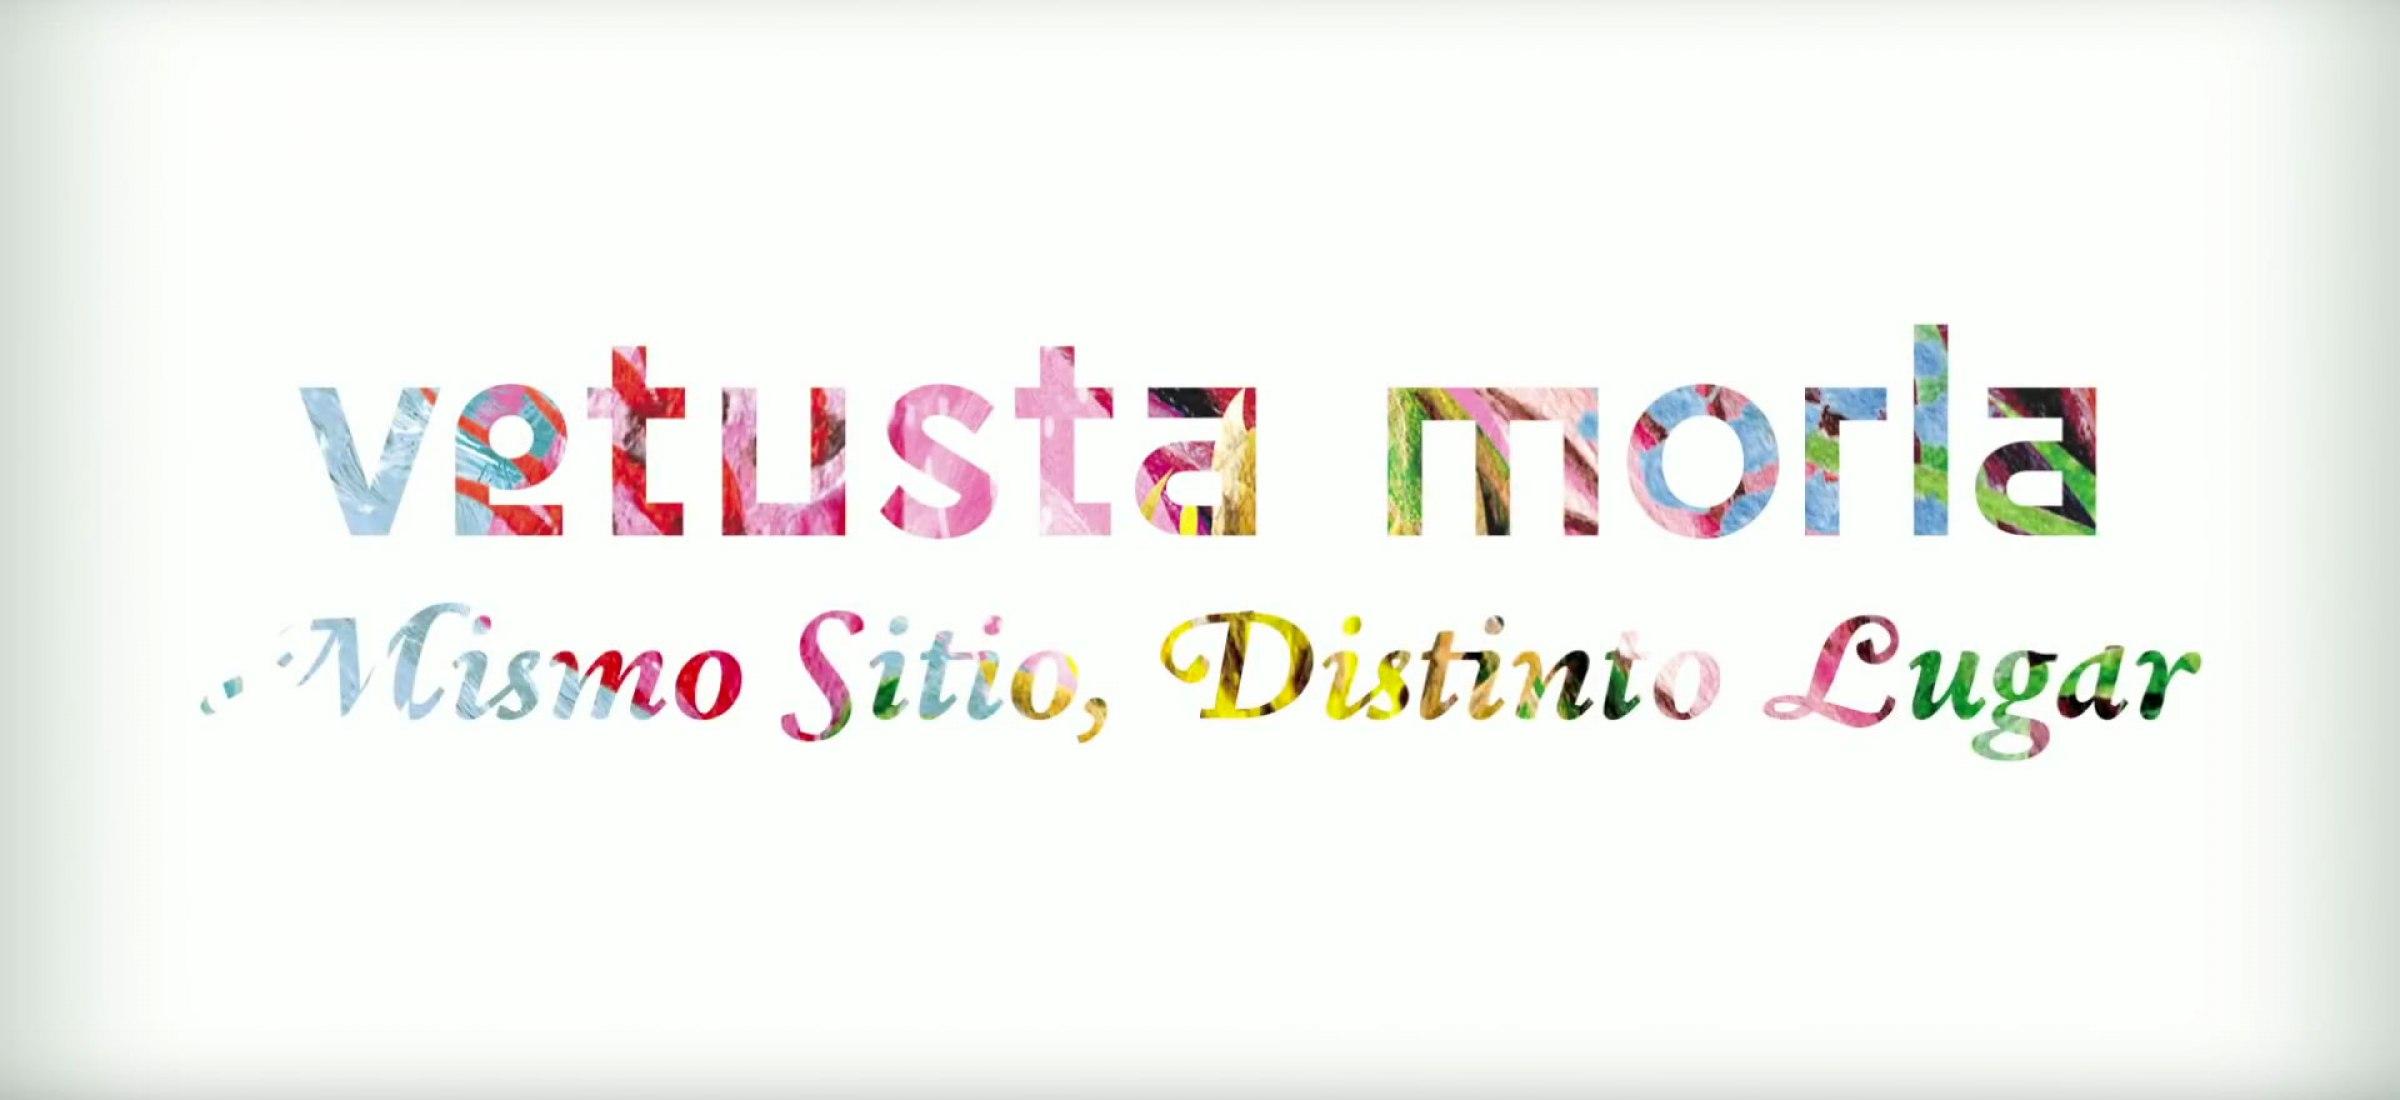 Mismo Sitio, Distinto Lugar por Vetusta Morla